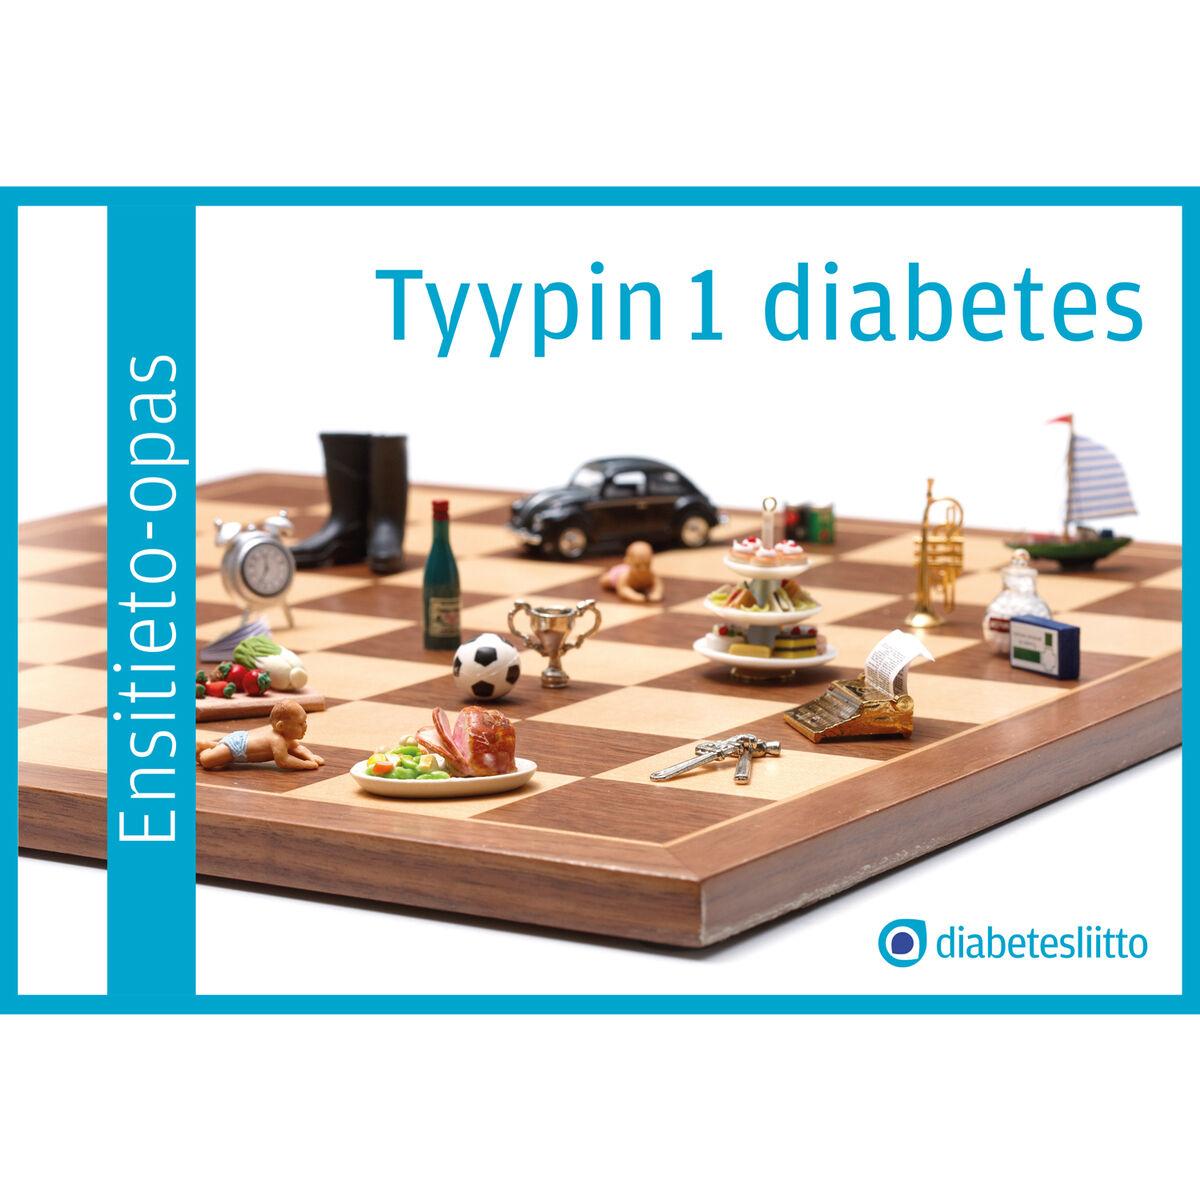 Tyypin 1 Diabetes